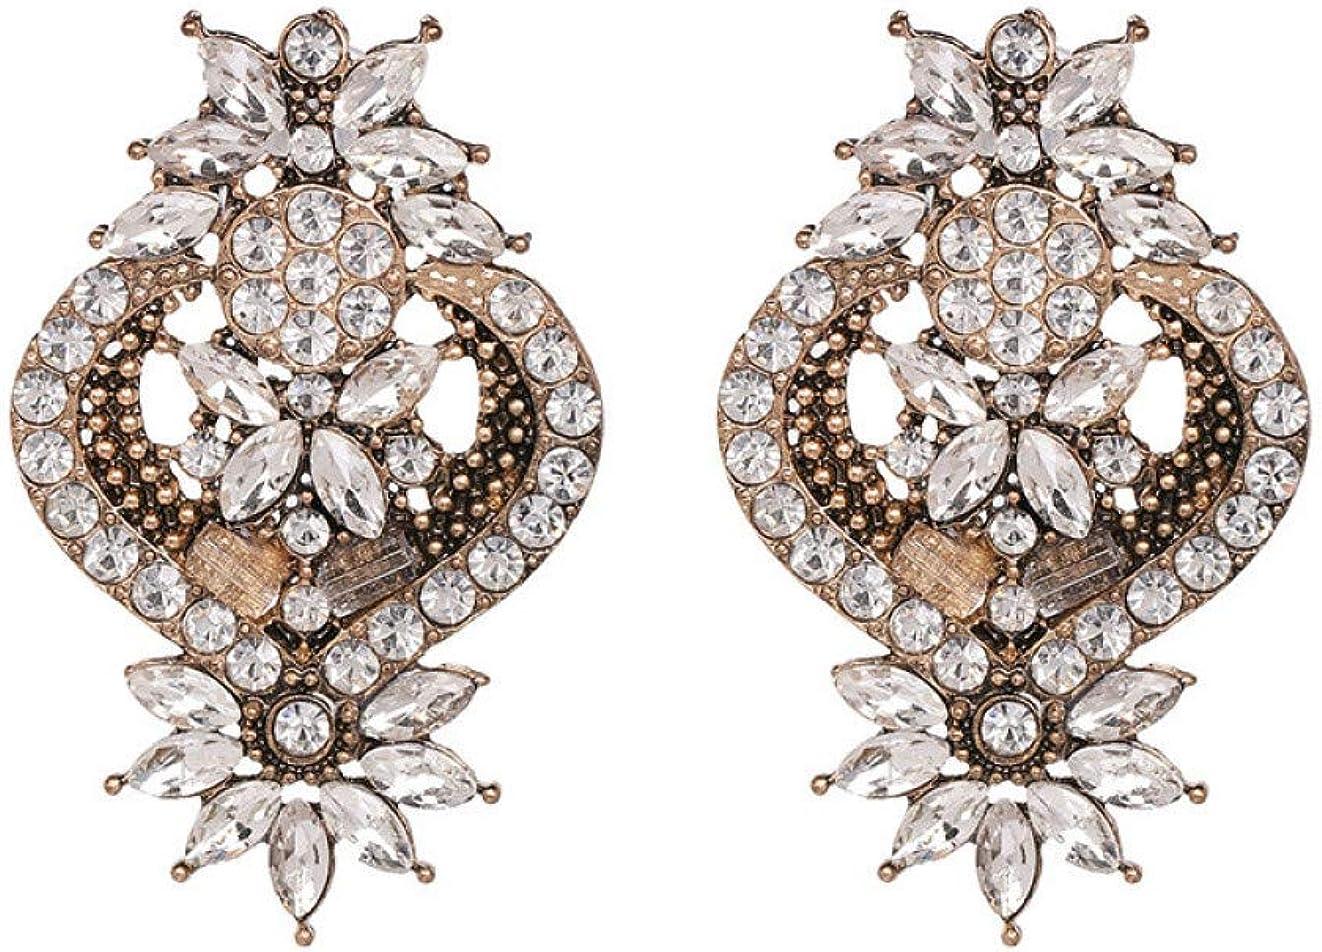 ERHUAN Pendientes Pendientes De Botón De Cristal De Piedra De Gema Multicolor Pendiente De Diamantes De Imitación Joyería De Boda De Moda